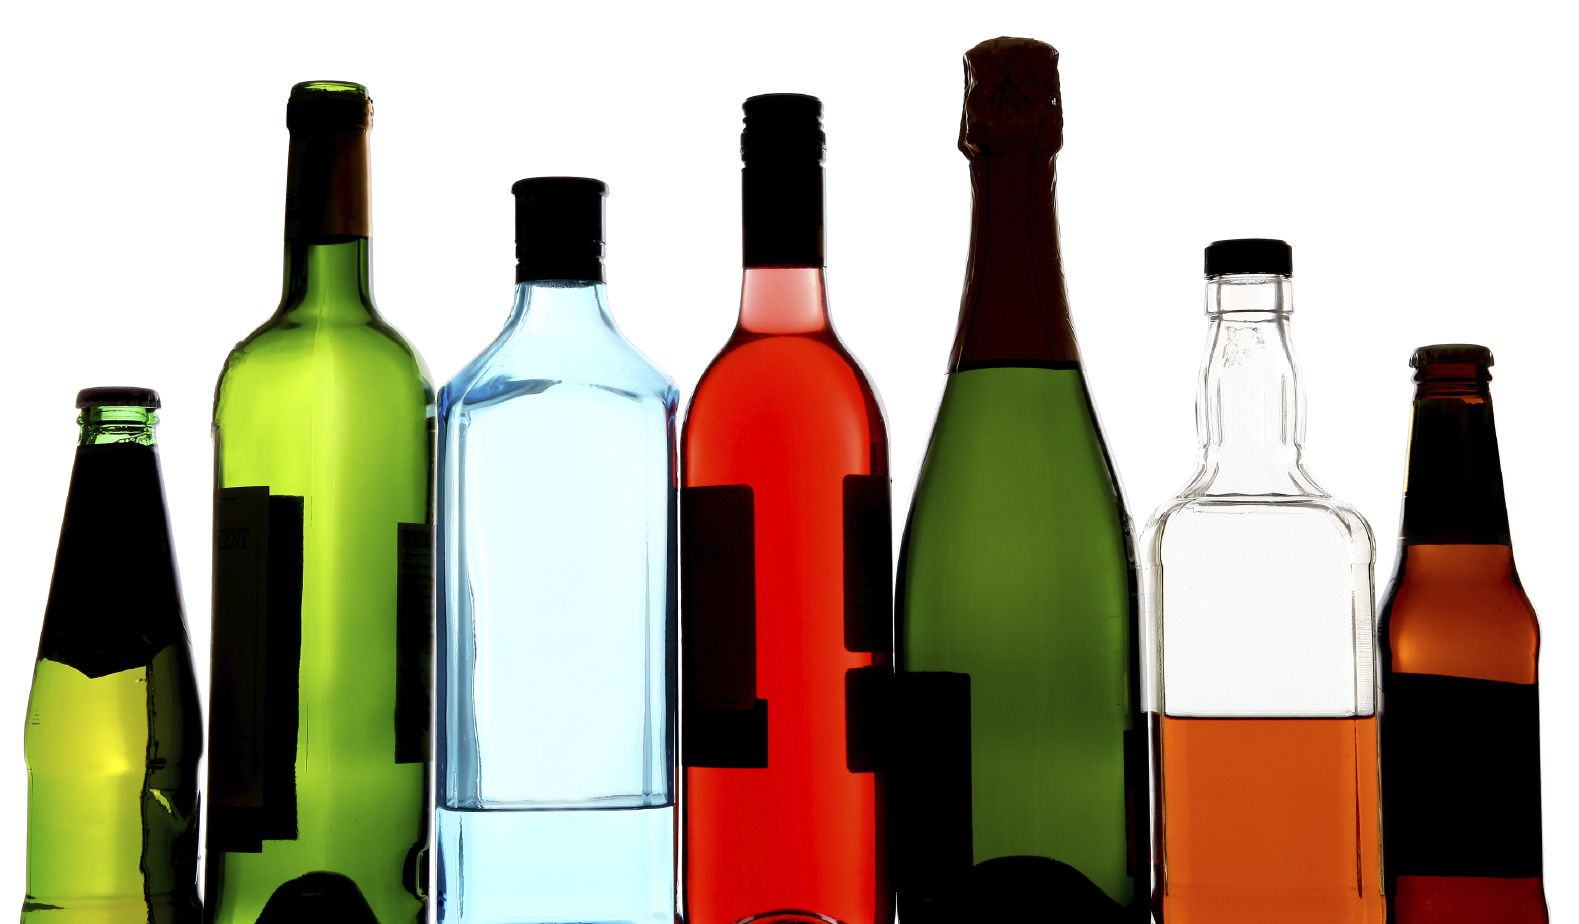 По мнению экспертов РК, 50% рынка алкогольной продукции находится в тени